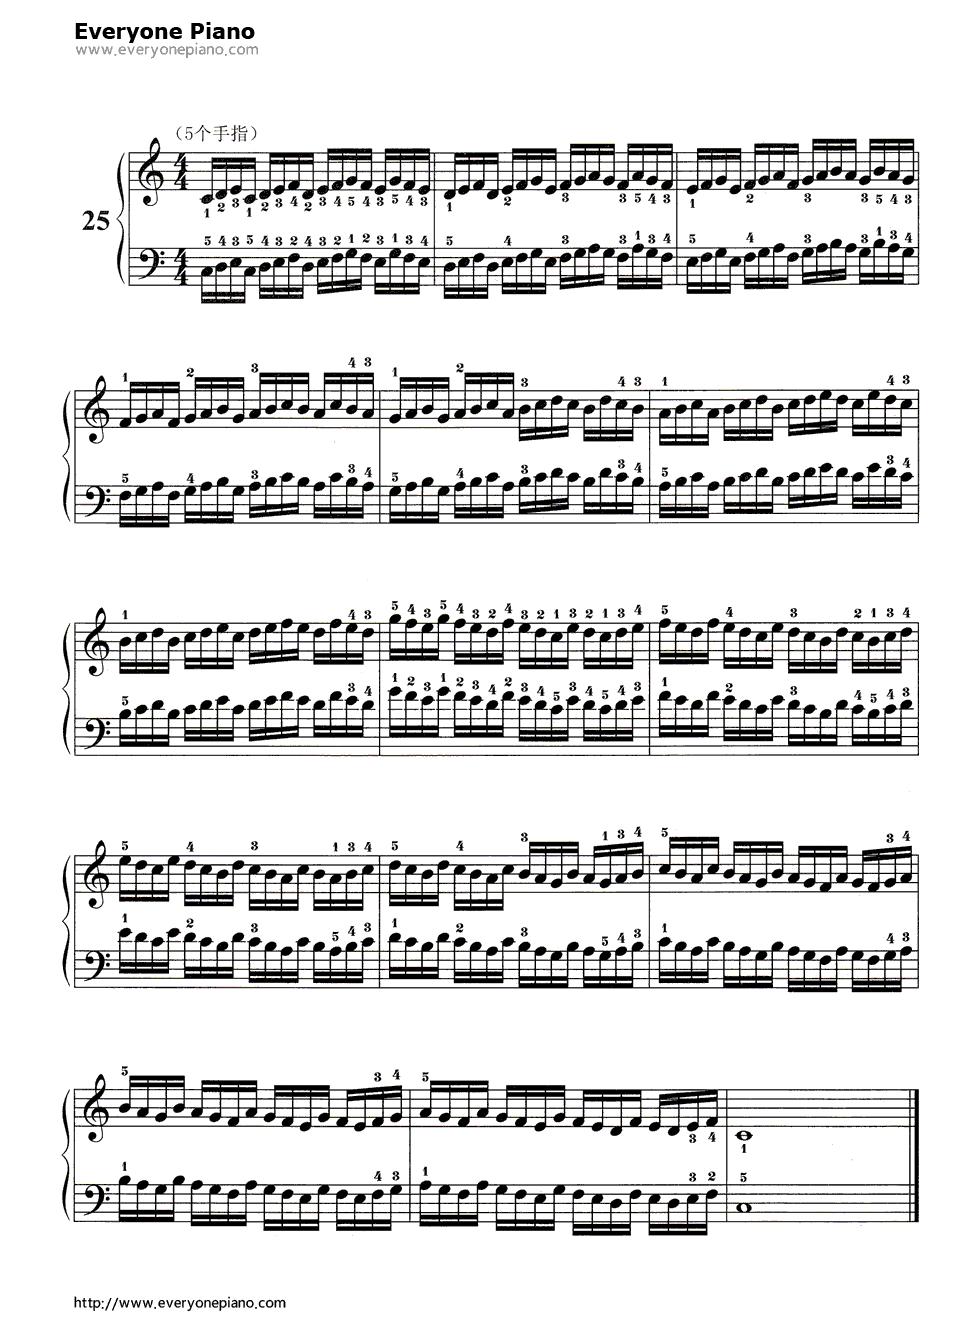 哈农基本练习25五线谱预览1-钢琴谱(五线谱,双手简谱)